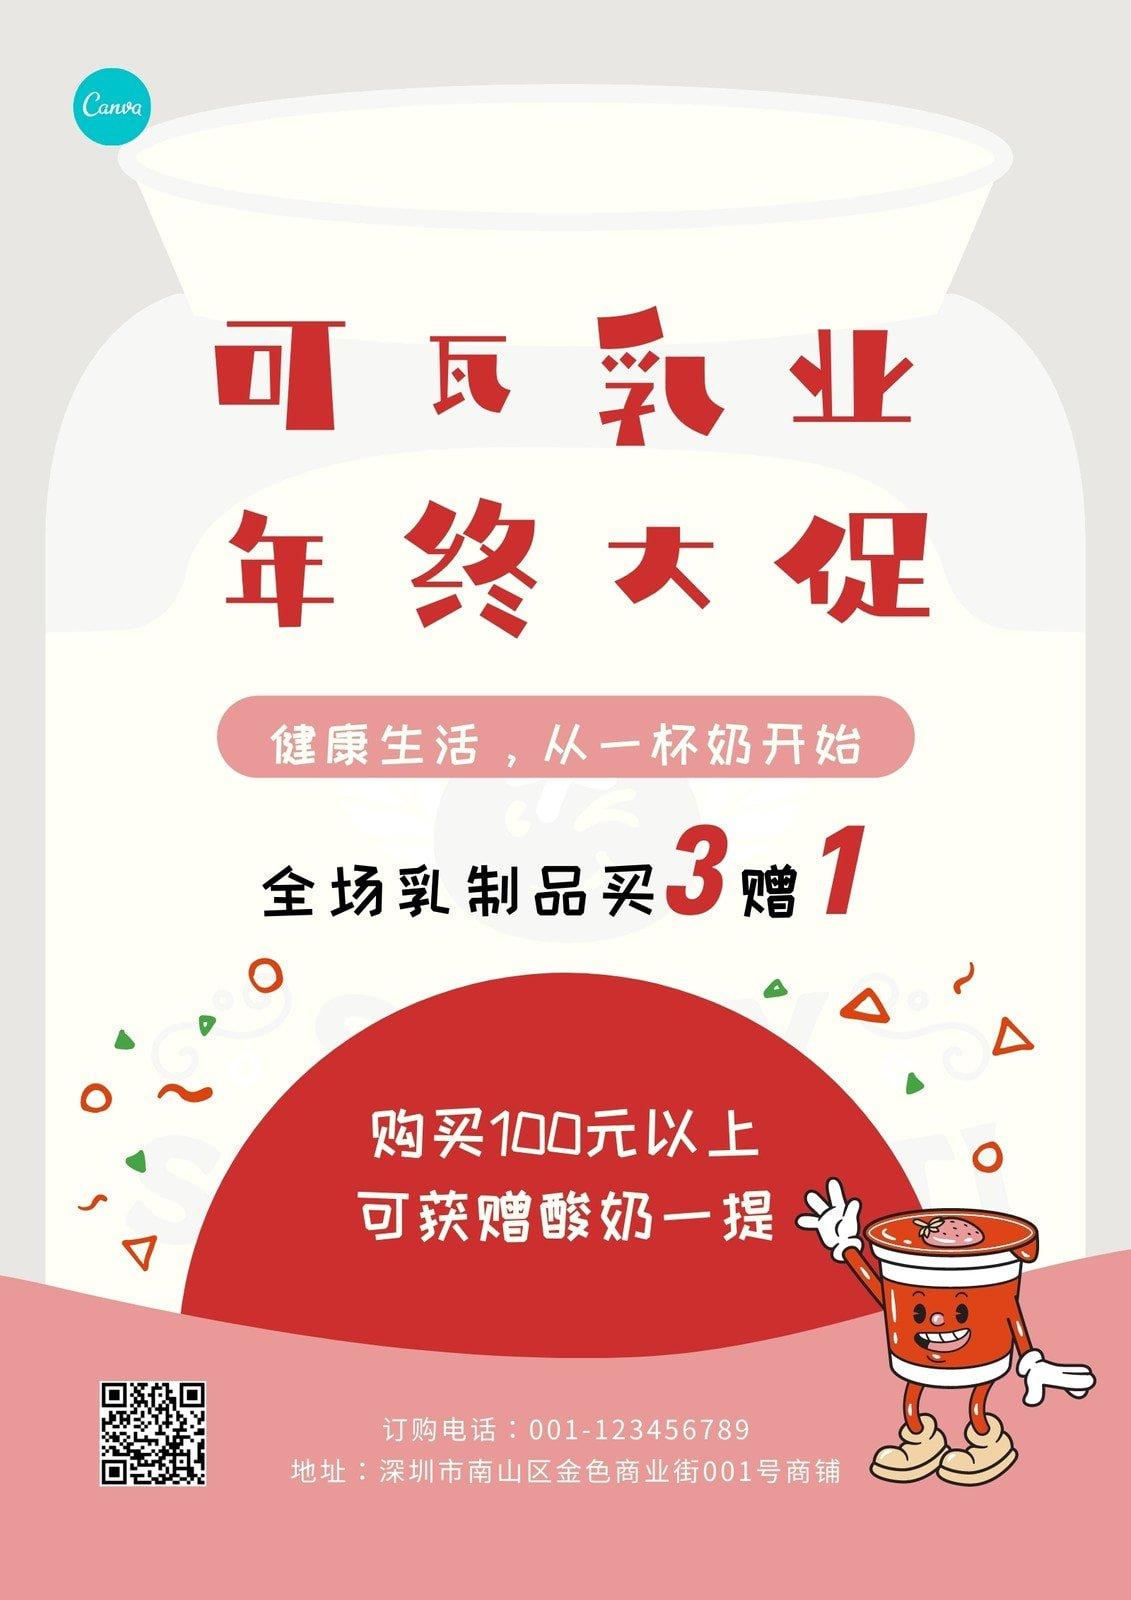 白红色卡通牛奶,酸奶,促销,可爱牛奶促销促销中文海报